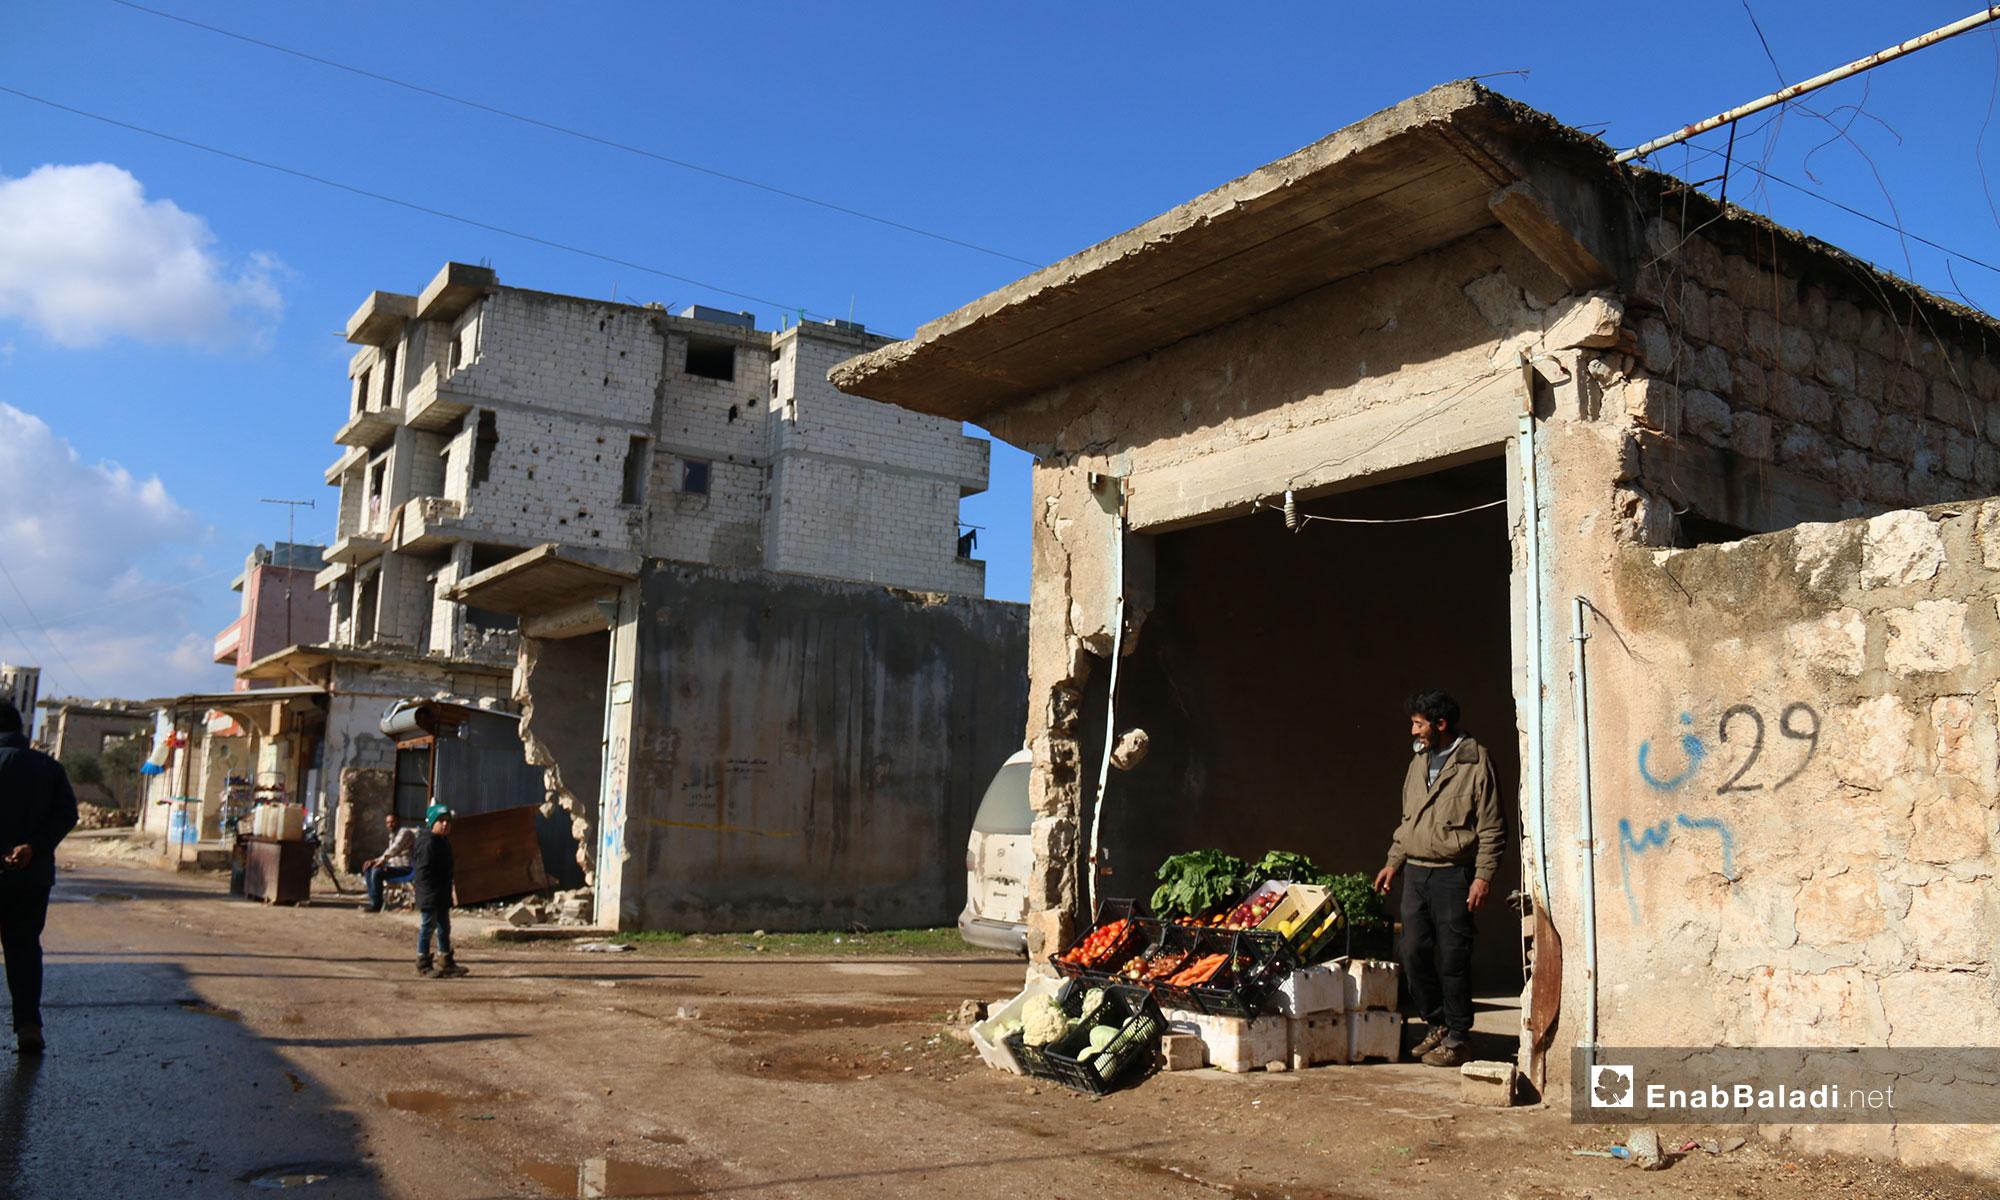 بائع خضار من المهجرين في بلدة الفوعة - 24 من كانون الأول 2018 (عنب بلدي)